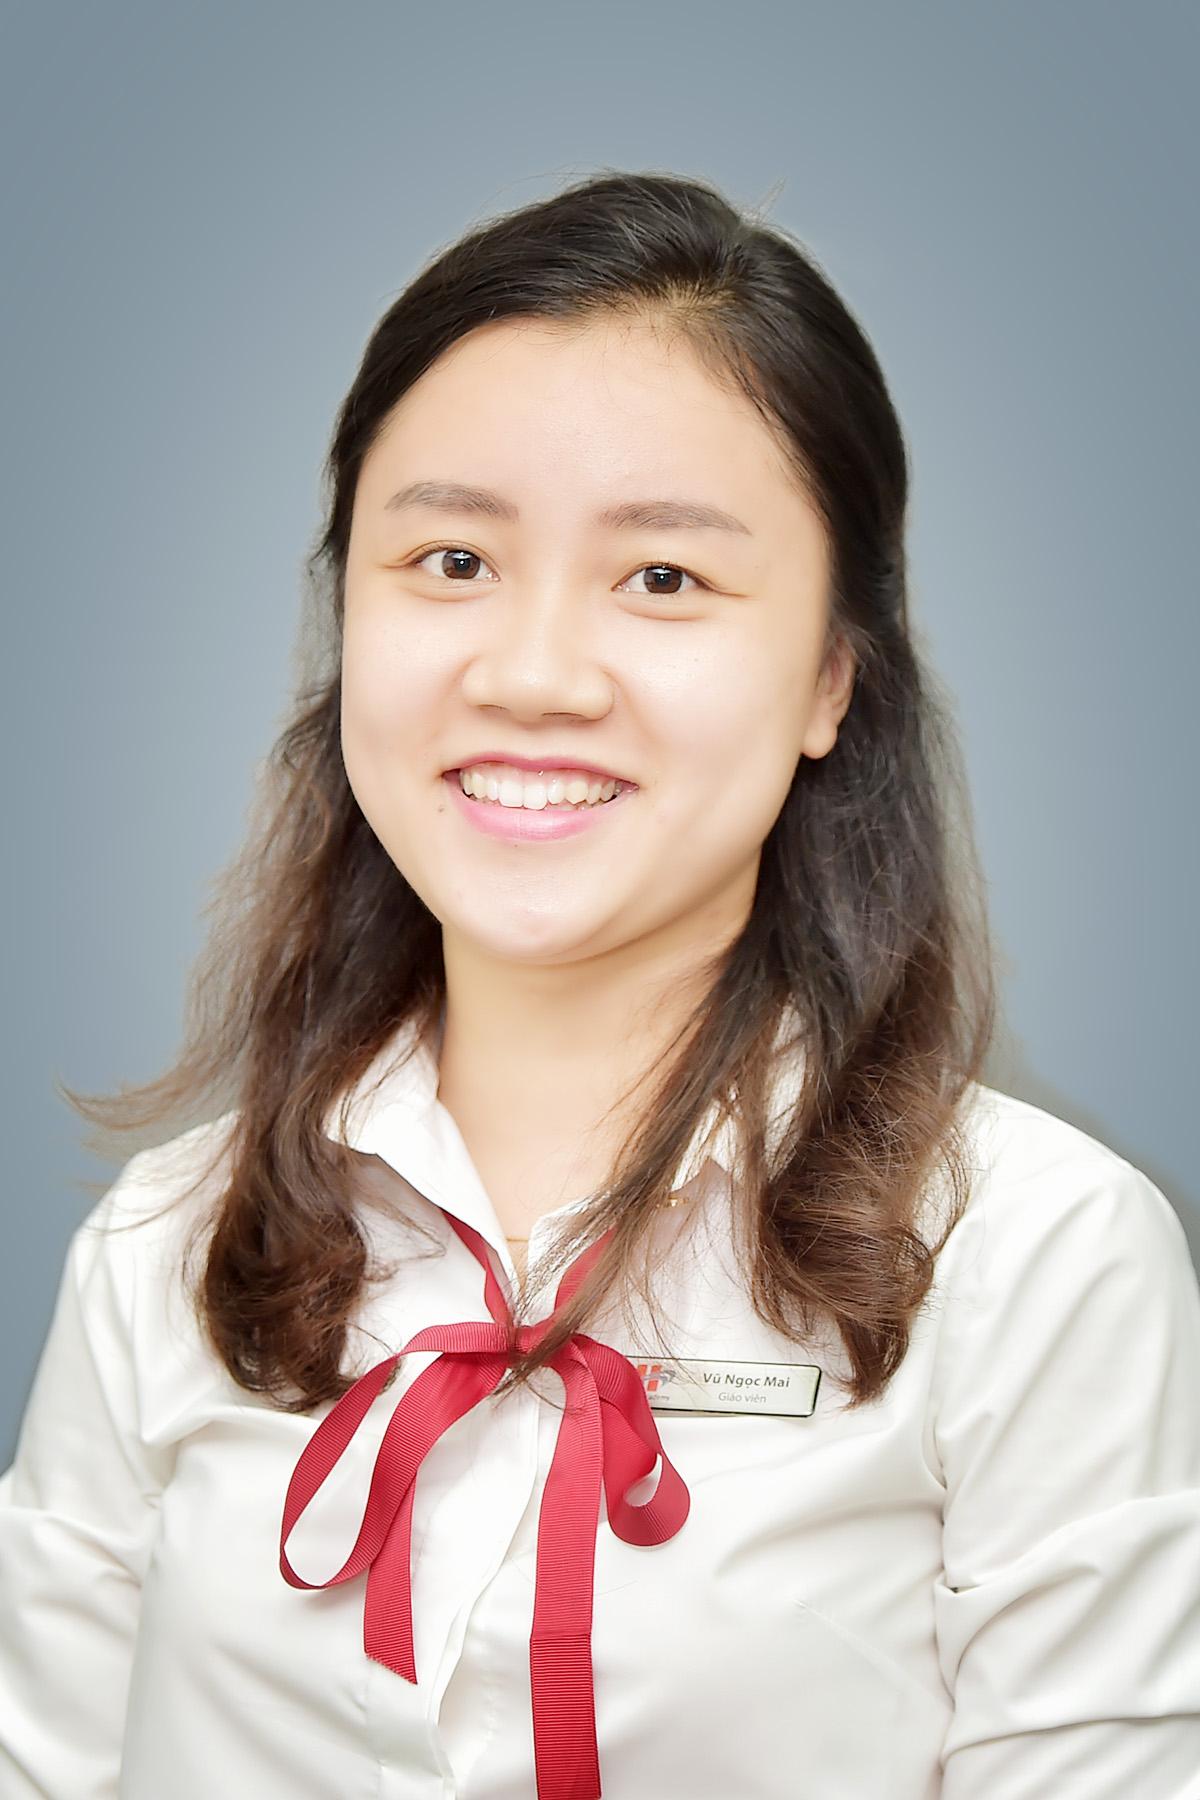 Ms Ngoc Mai Vu